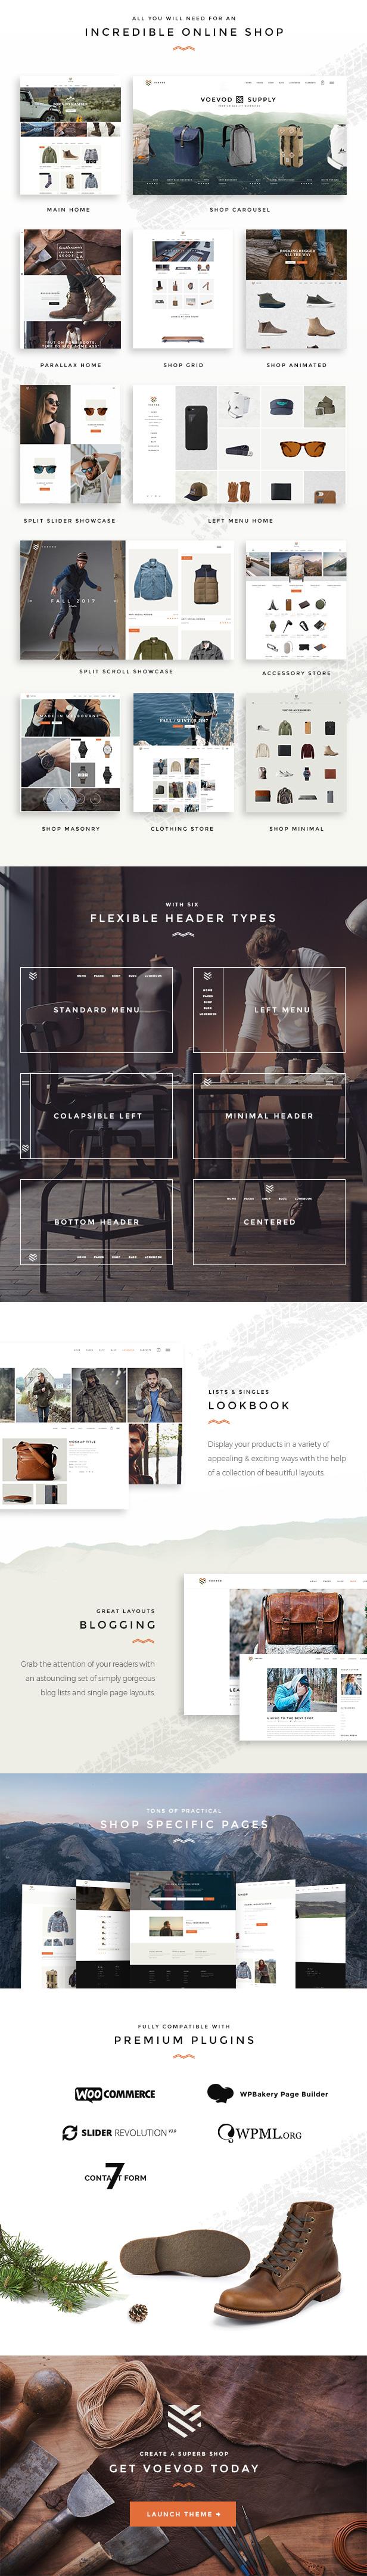 Voevod - Tienda WooCommerce - 2